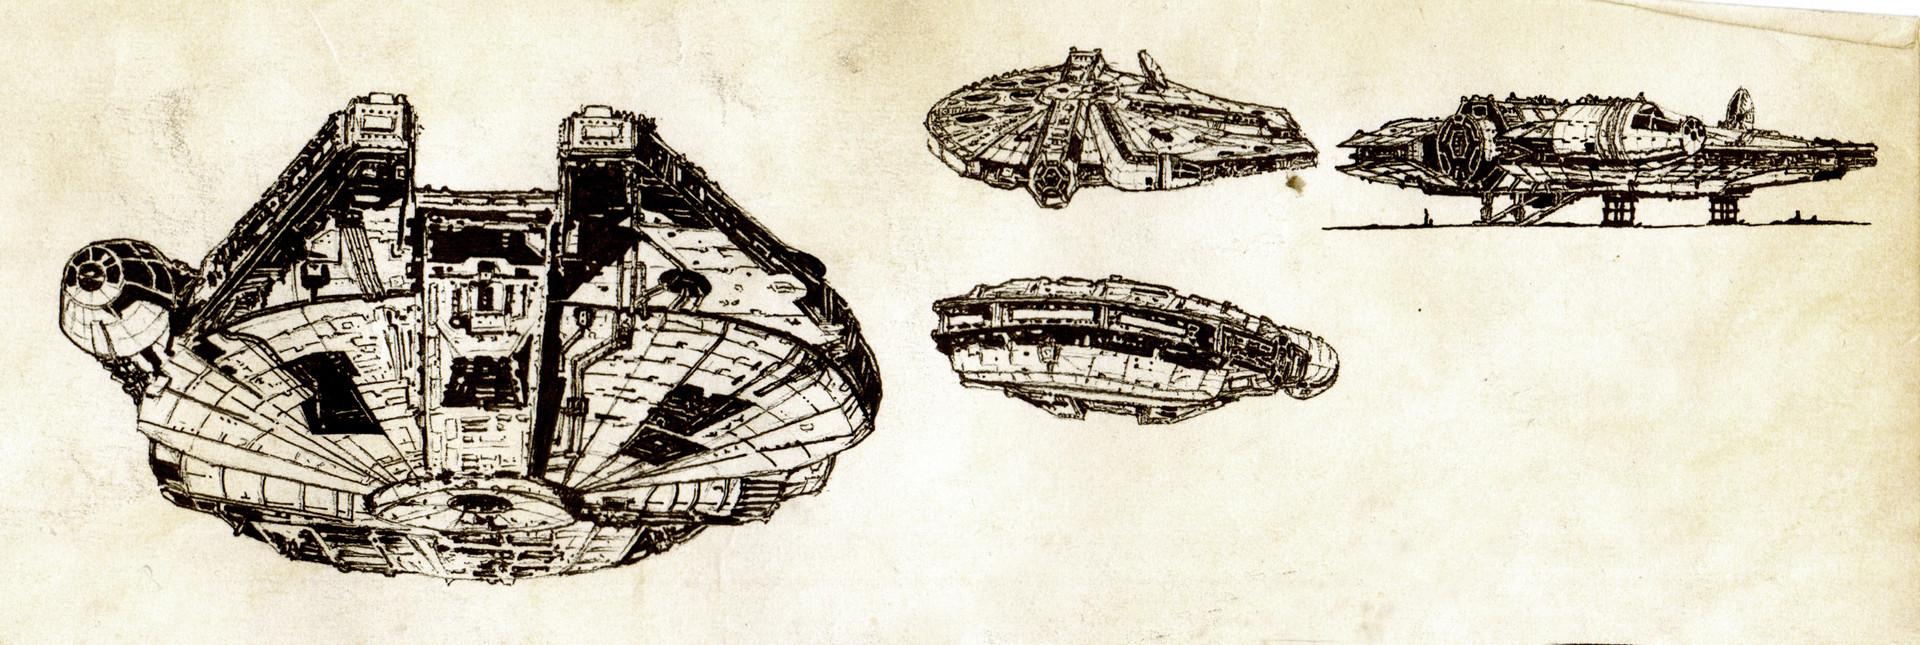 Midhat kapetanovic scan0018b